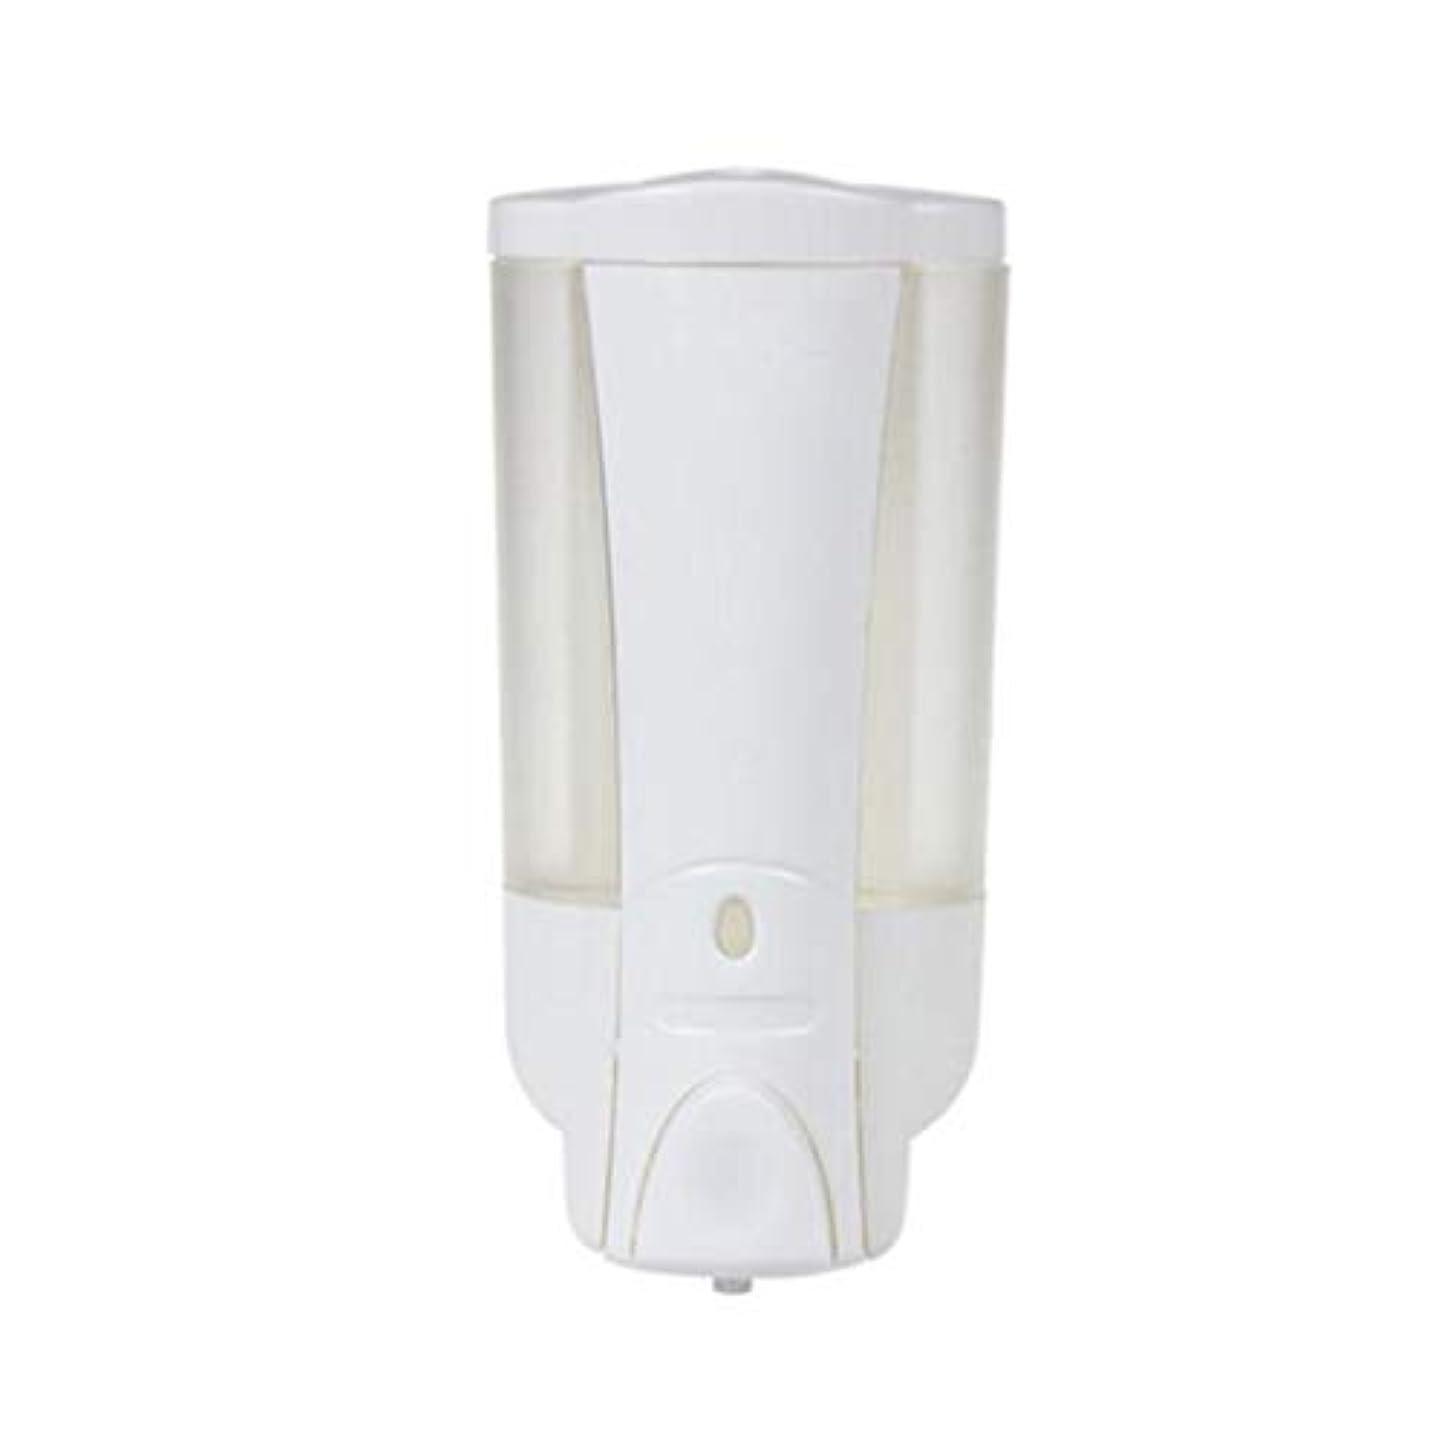 リーズホイップはさみKylinssh 泡立つ石鹸ディスペンサー450ml容量、石鹸、DIY液体石鹸、皿石鹸、ボディウォッシュなどに使用するための空のプラスチック液体石鹸ポンプボトル